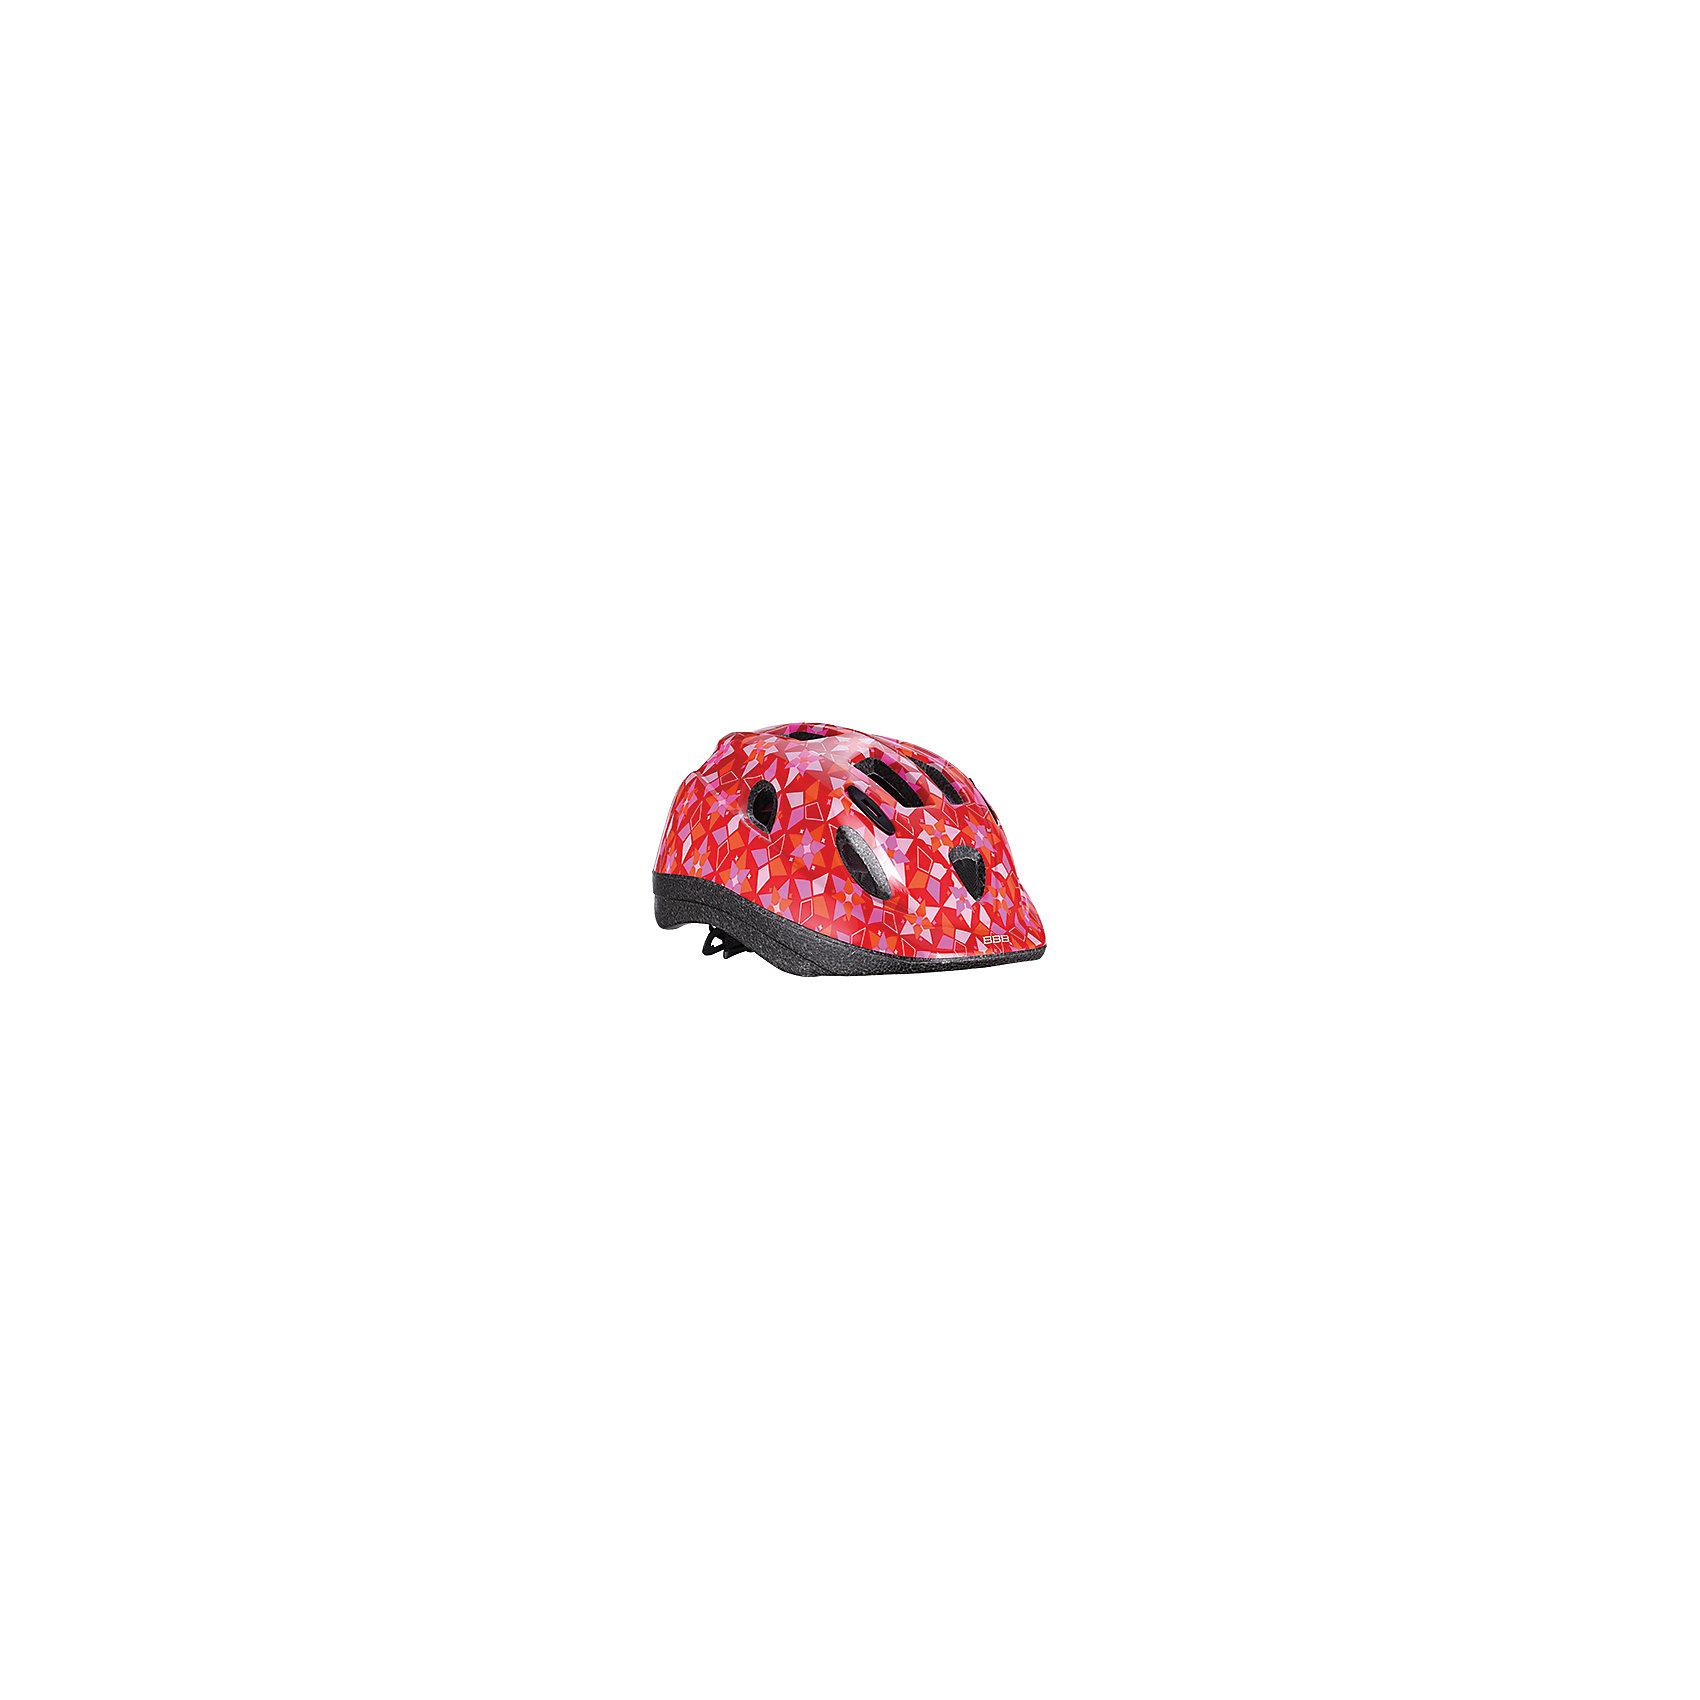 Летний шлем Boogy самый милый, BBBЗащита, шлемы<br>Характеристики товара:<br><br>• возраст от 3 лет;<br>• материал: ударопрочный пластик;<br>• 12 вентиляционных отверстий<br>• светоотражающие эелементы сзади<br>• размер упаковки 27х24х18 см;<br>• вес упаковки 500 гр.;<br>• страна производитель: Китай.<br><br>Летний шлем Boogy Самый милый ВВВ надежно защитит голову во время падения при езде на велосипеде. Ремешки шлема настраиваются индивидуально для комфортной посадки. 12 вентиляционных отверстий на корпусе обеспечивают хороший воздухообмен. Сетка в вентиляционных отверстиях защищает от насекомых. Мягкие накладки обладают антибактериальными свойствами, а также по мере необходимости снимаются для стирки. На задней части шлема расположены светоотражающие элементы для видимости в темное время суток. Шлем выполнен из ударопрочного материала.<br><br>Летний шлем Boogy Самый милый ВВВ можно приобрести в нашем интернет-магазине.<br><br>Ширина мм: 270<br>Глубина мм: 240<br>Высота мм: 180<br>Вес г: 500<br>Цвет: розовато-красный<br>Возраст от месяцев: 96<br>Возраст до месяцев: 144<br>Пол: Женский<br>Возраст: Детский<br>Размер: 52-56,48-54<br>SKU: 5565999